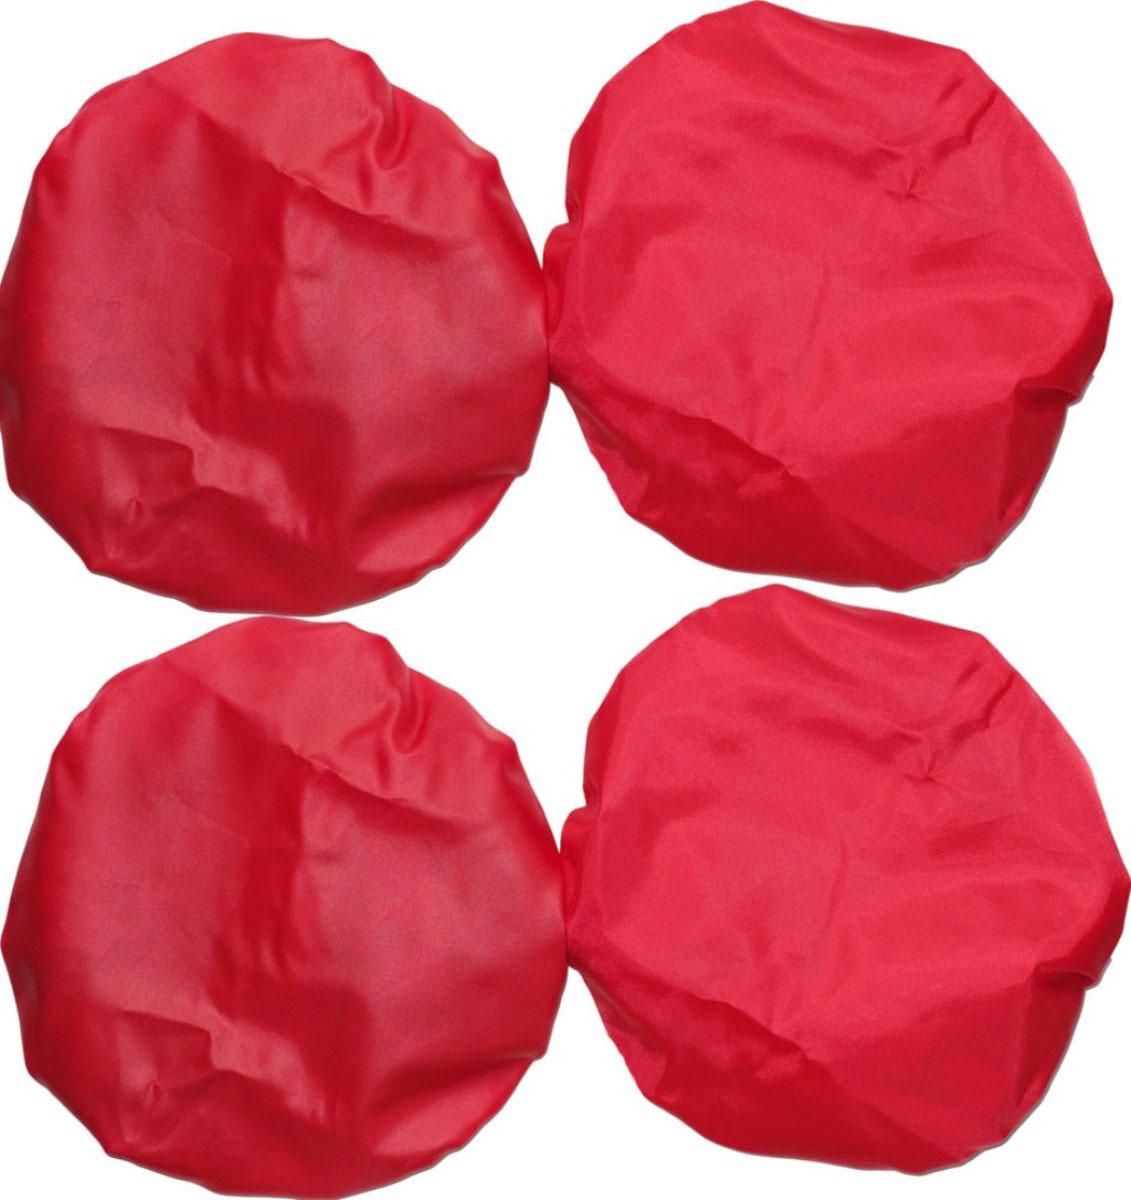 Чудо-Чадо Чехлы на колеса для коляски диаметр 18-28 см цвет красный 4 шт